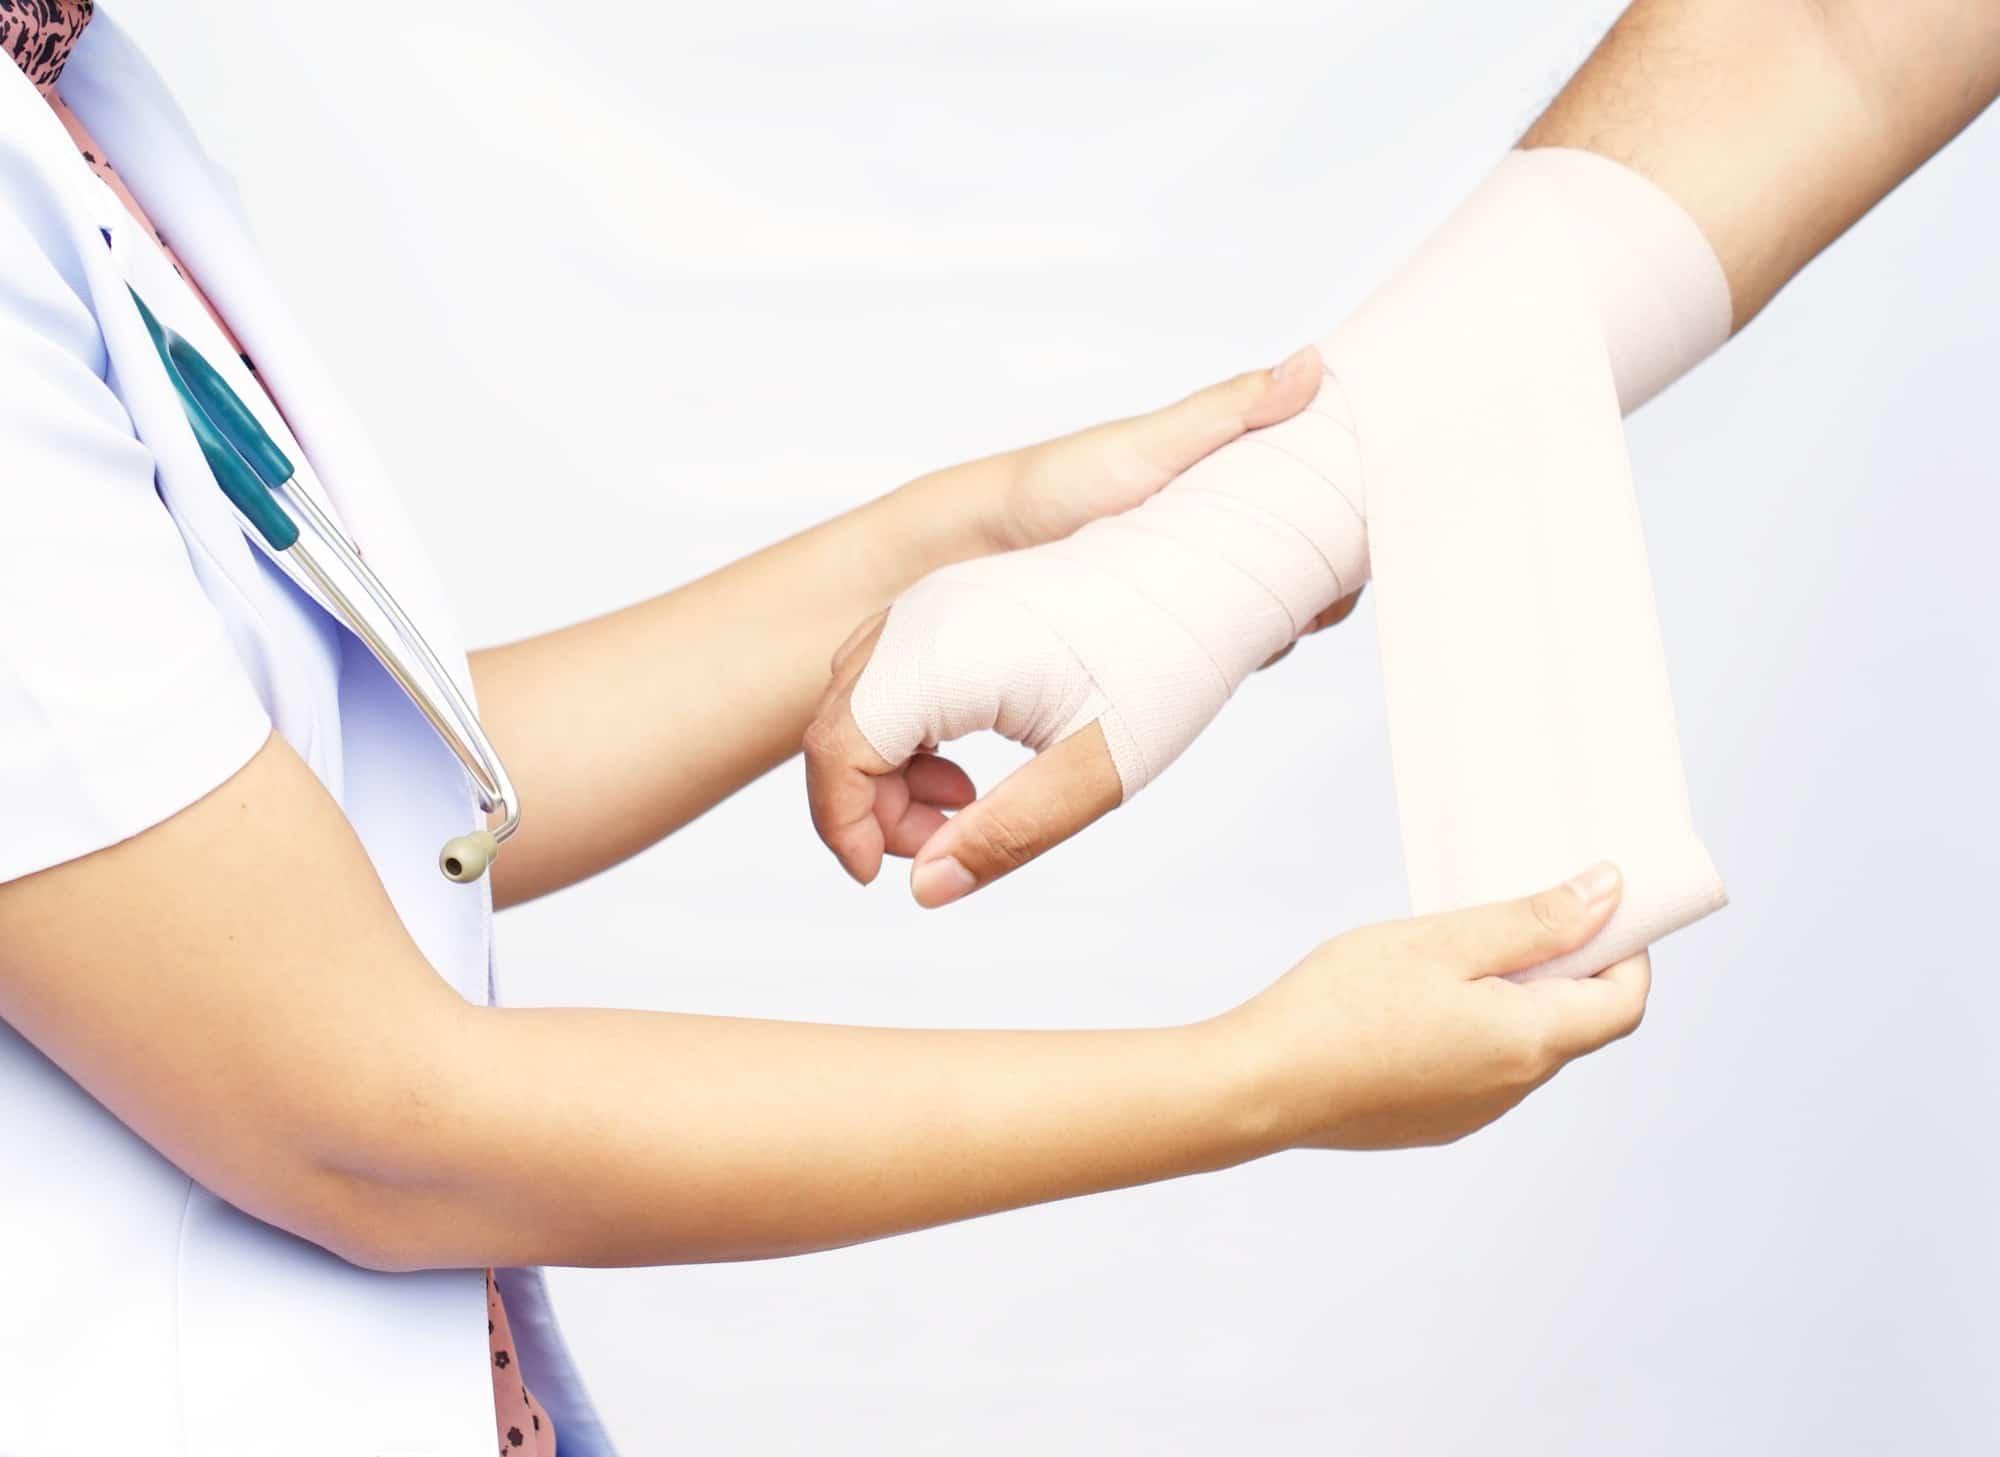 Doctor imposes bandage